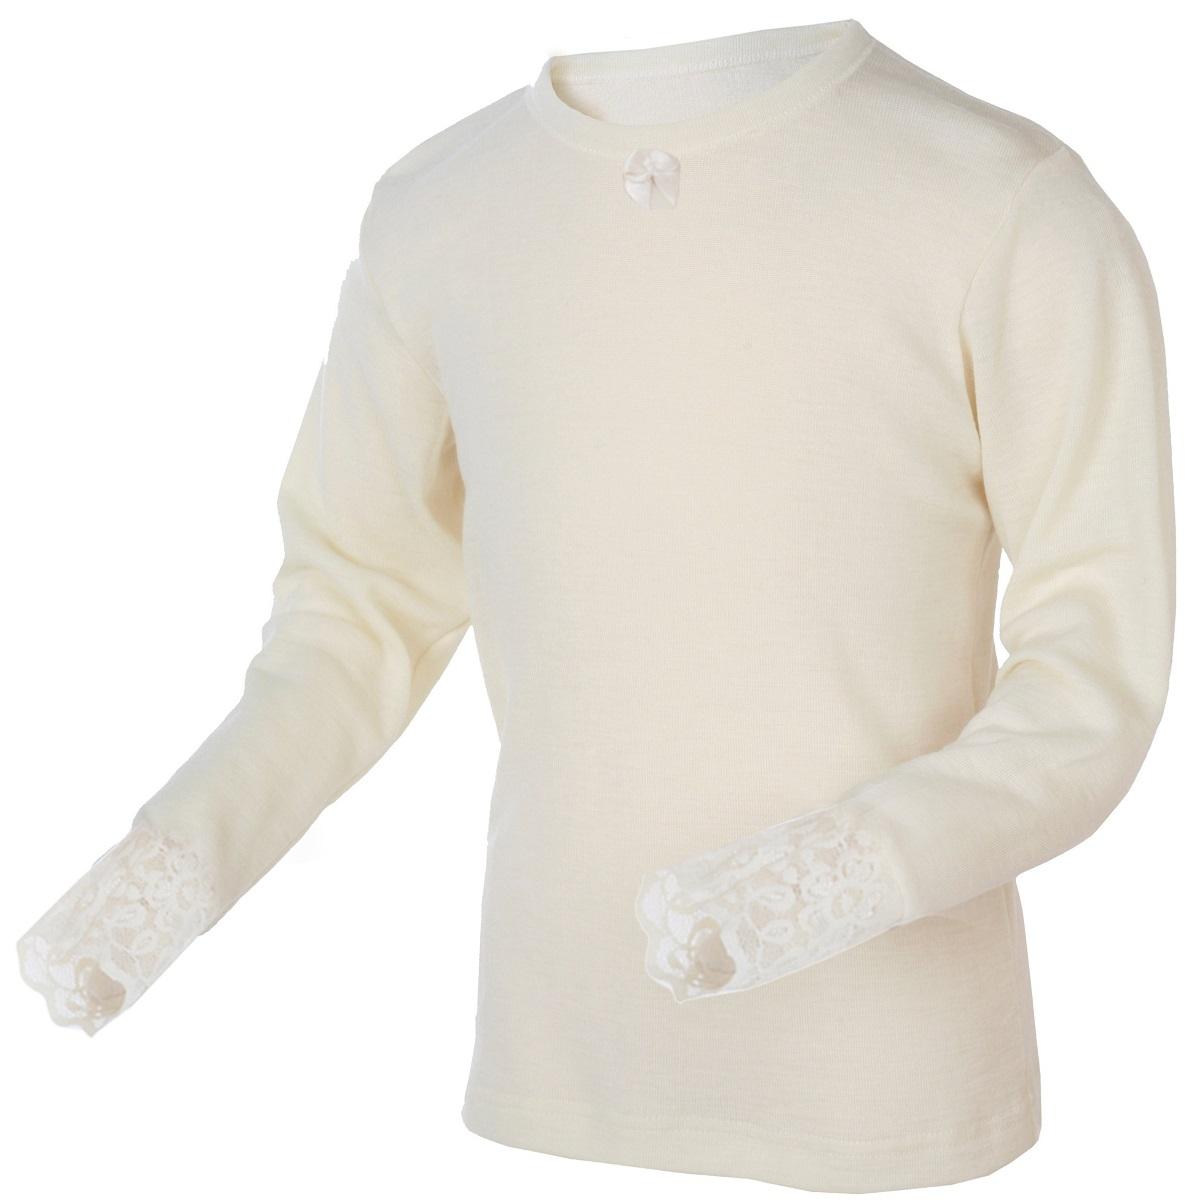 Trøyer, t skjorter og longs i ull til barn fra Janus og Safa